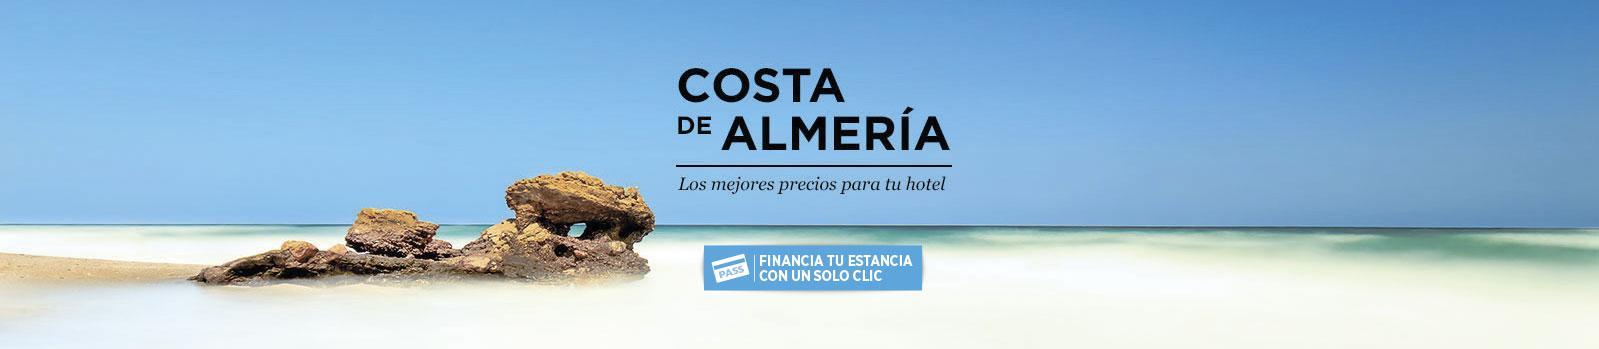 Hoteles en Almeria